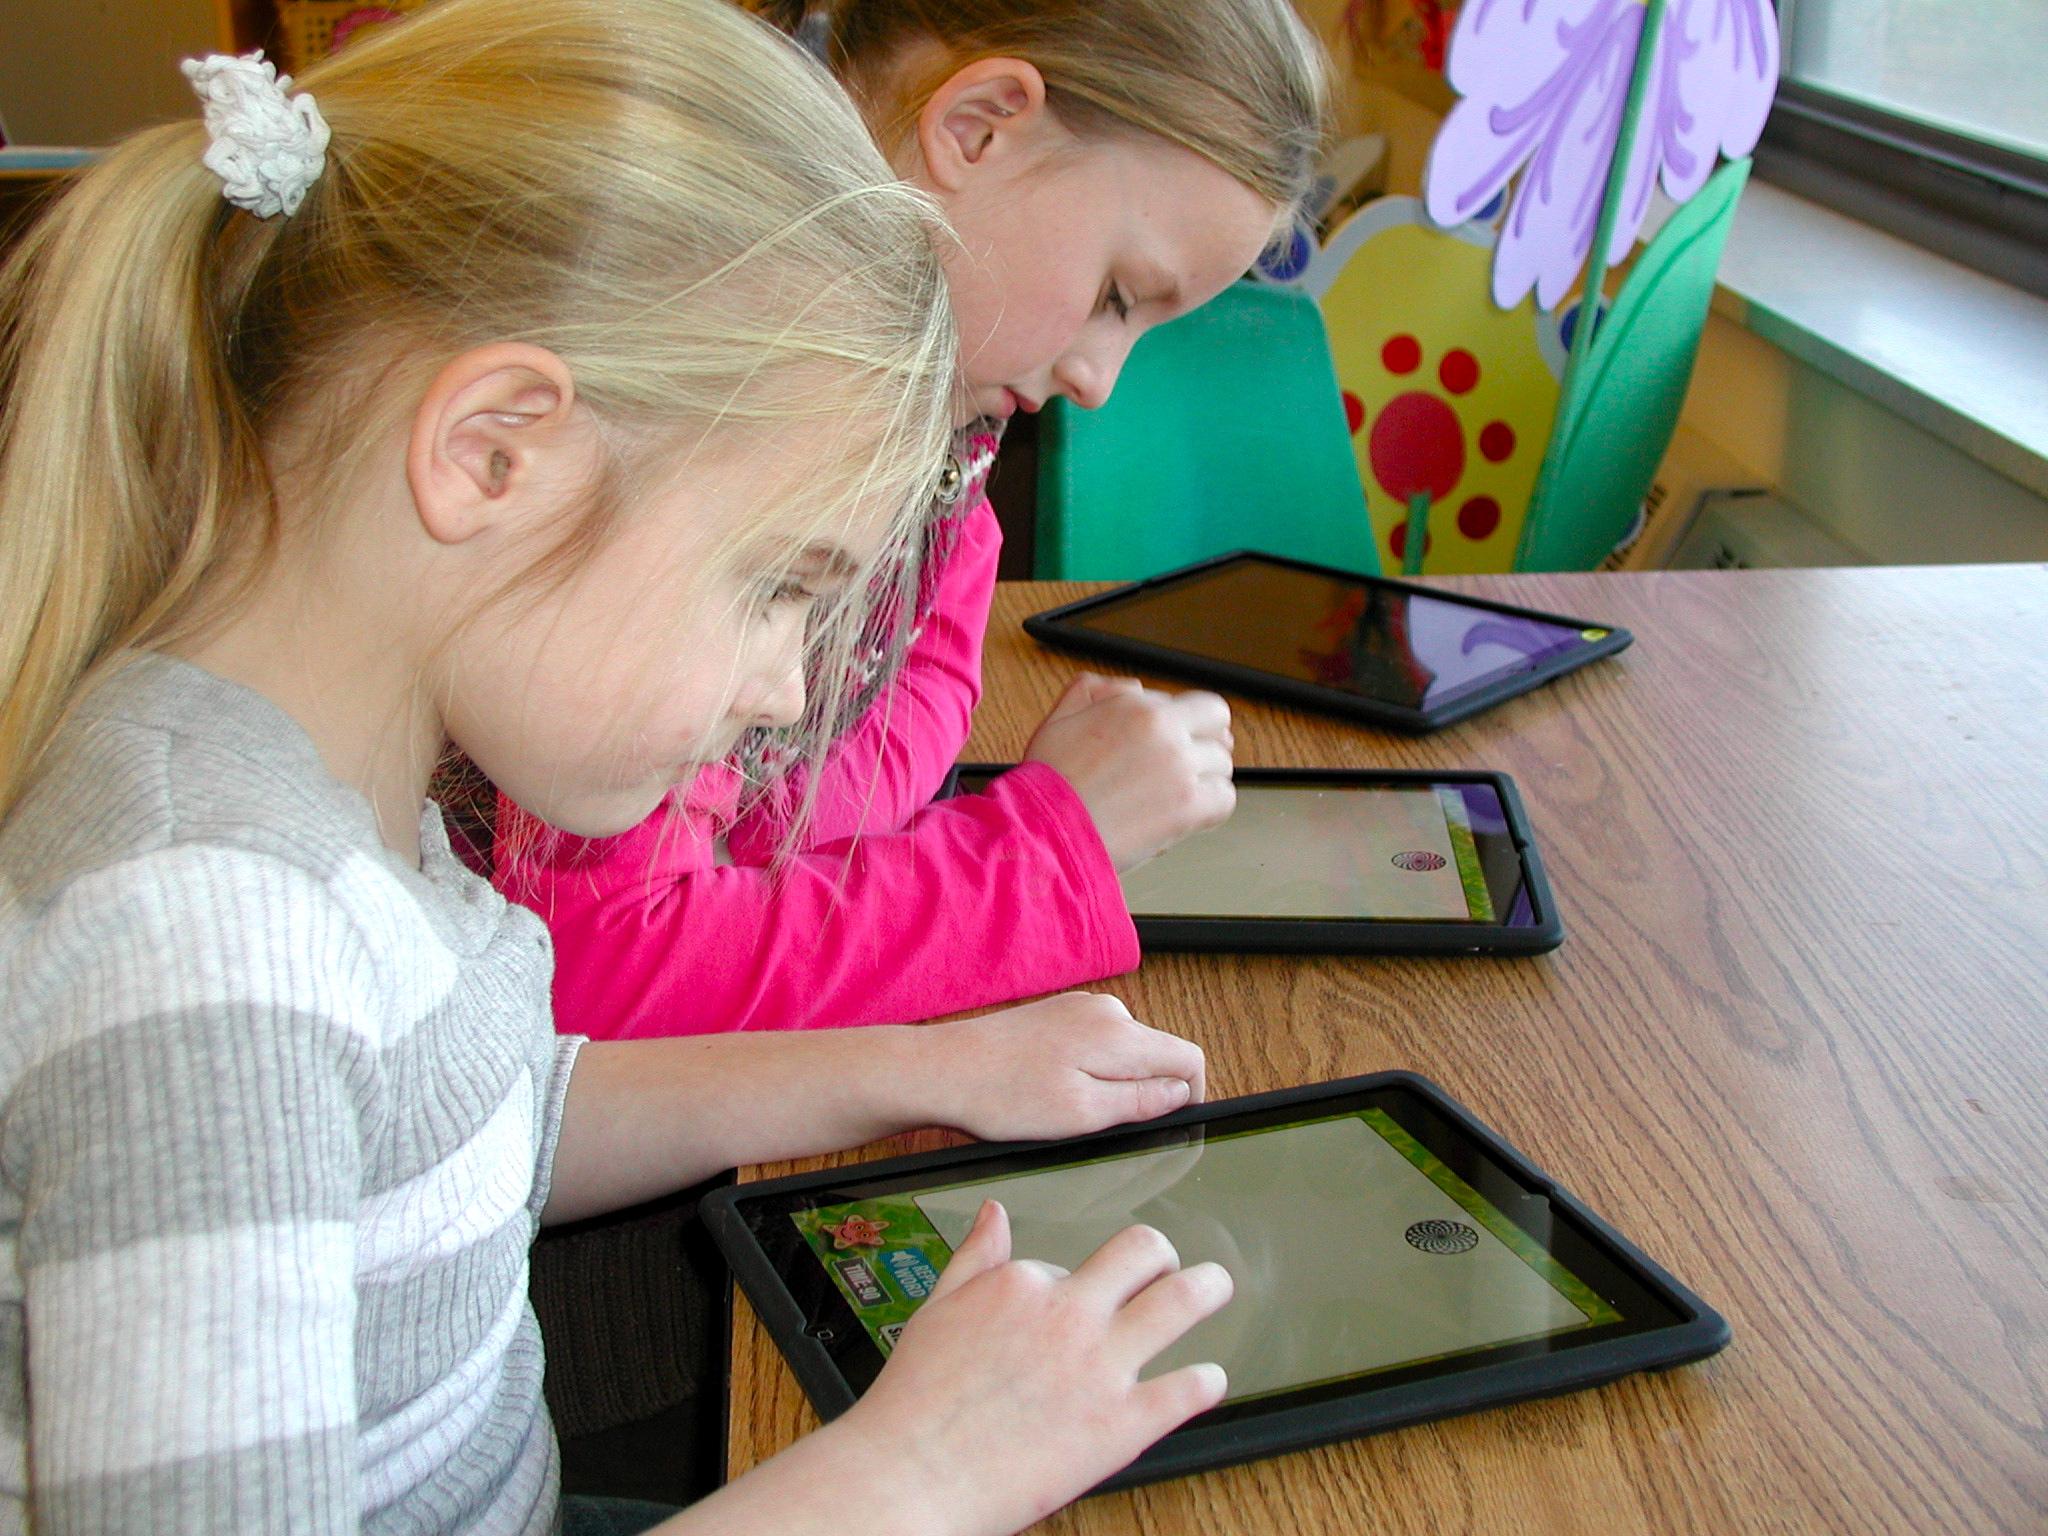 iPads in education, school wireless networks, wifi companies,